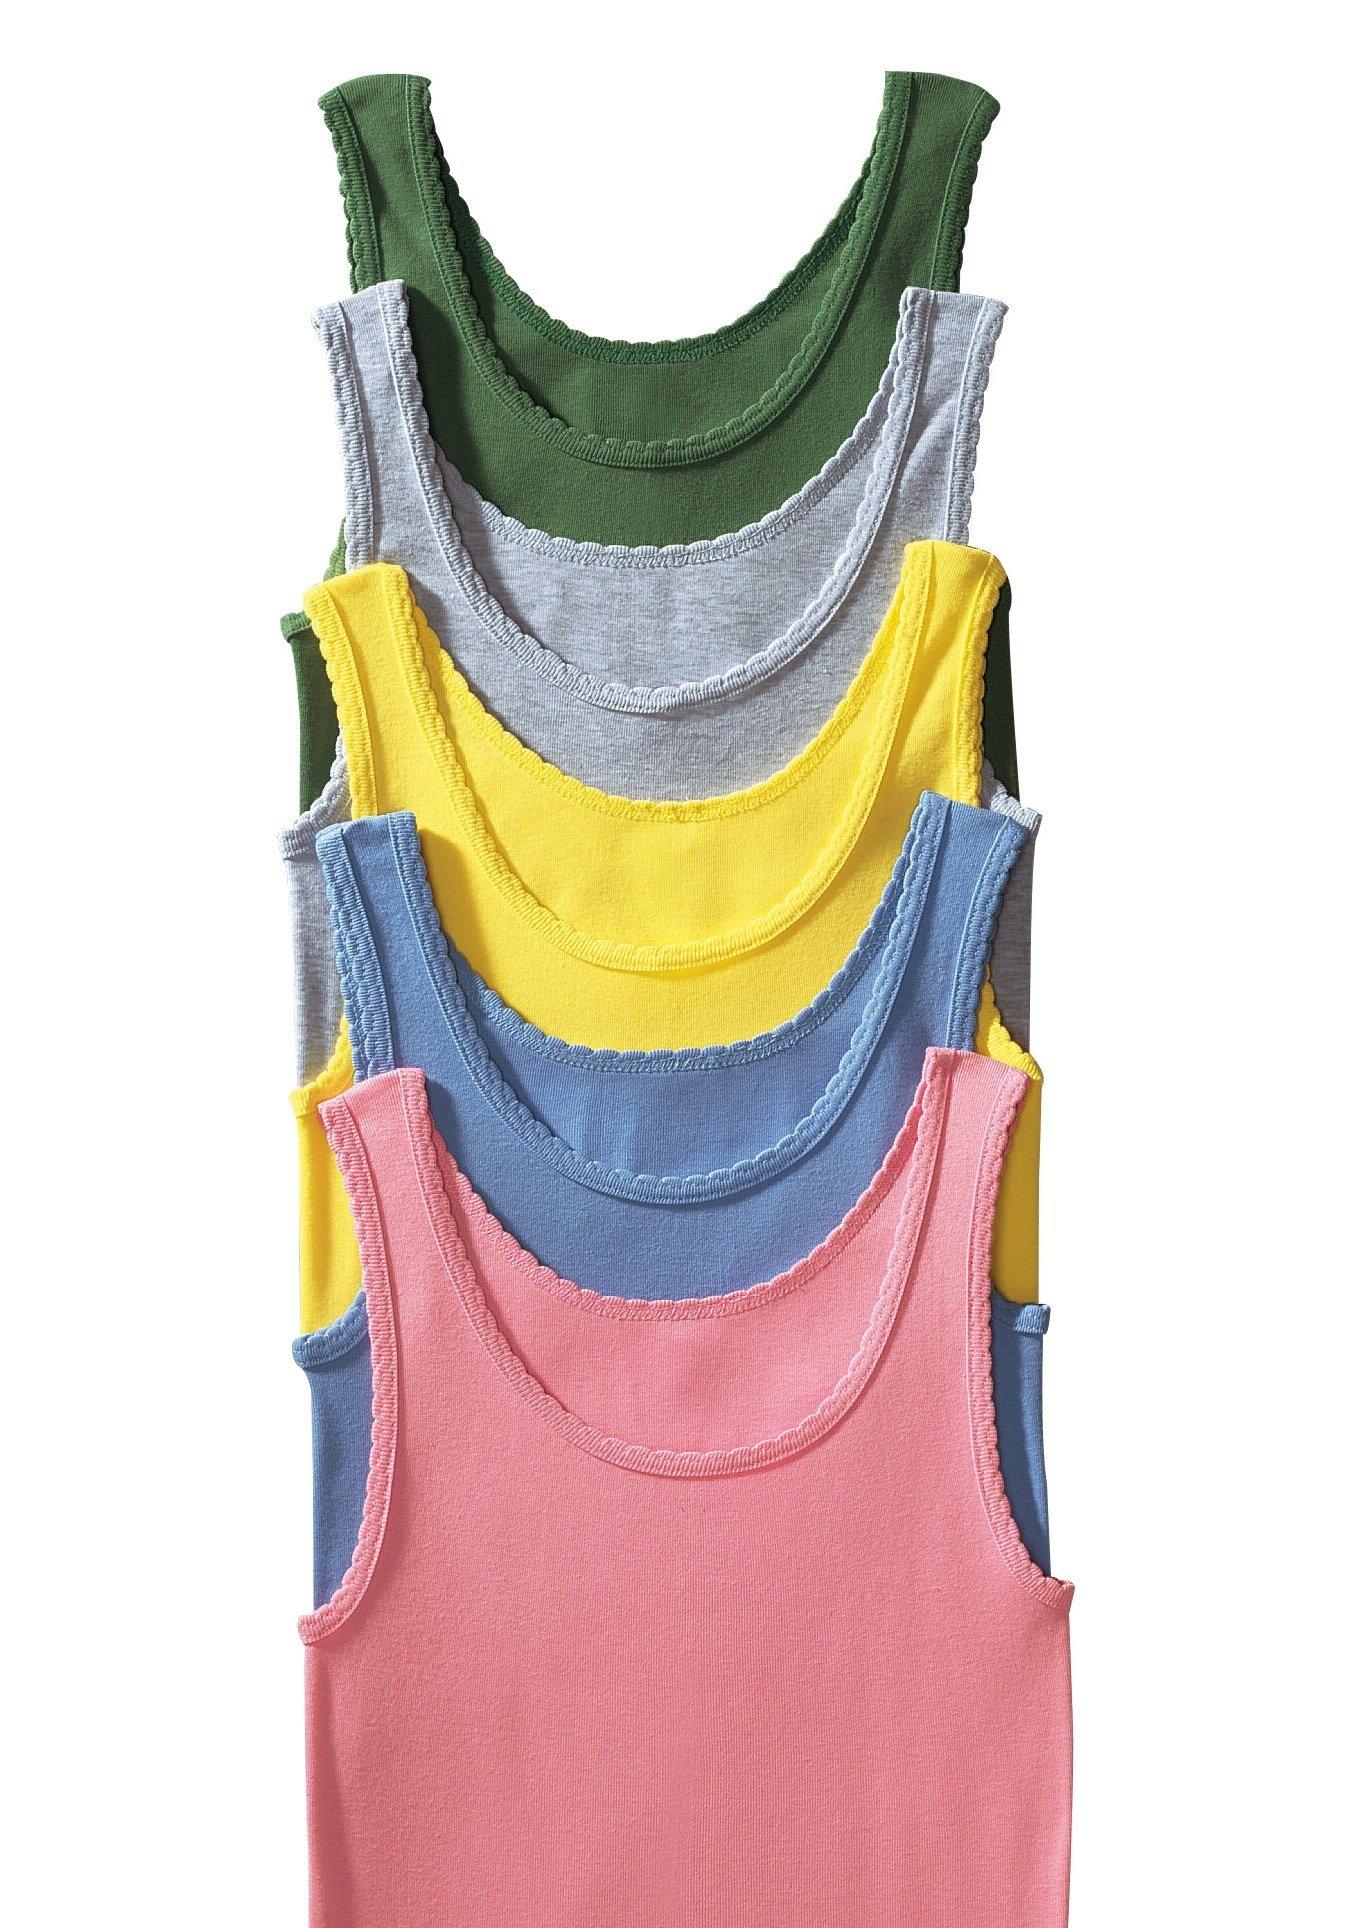 PETITE FLEUR dubbelrib-tanktophemd »Cotton made in Africa« (set van 5) bestellen: 30 dagen bedenktijd